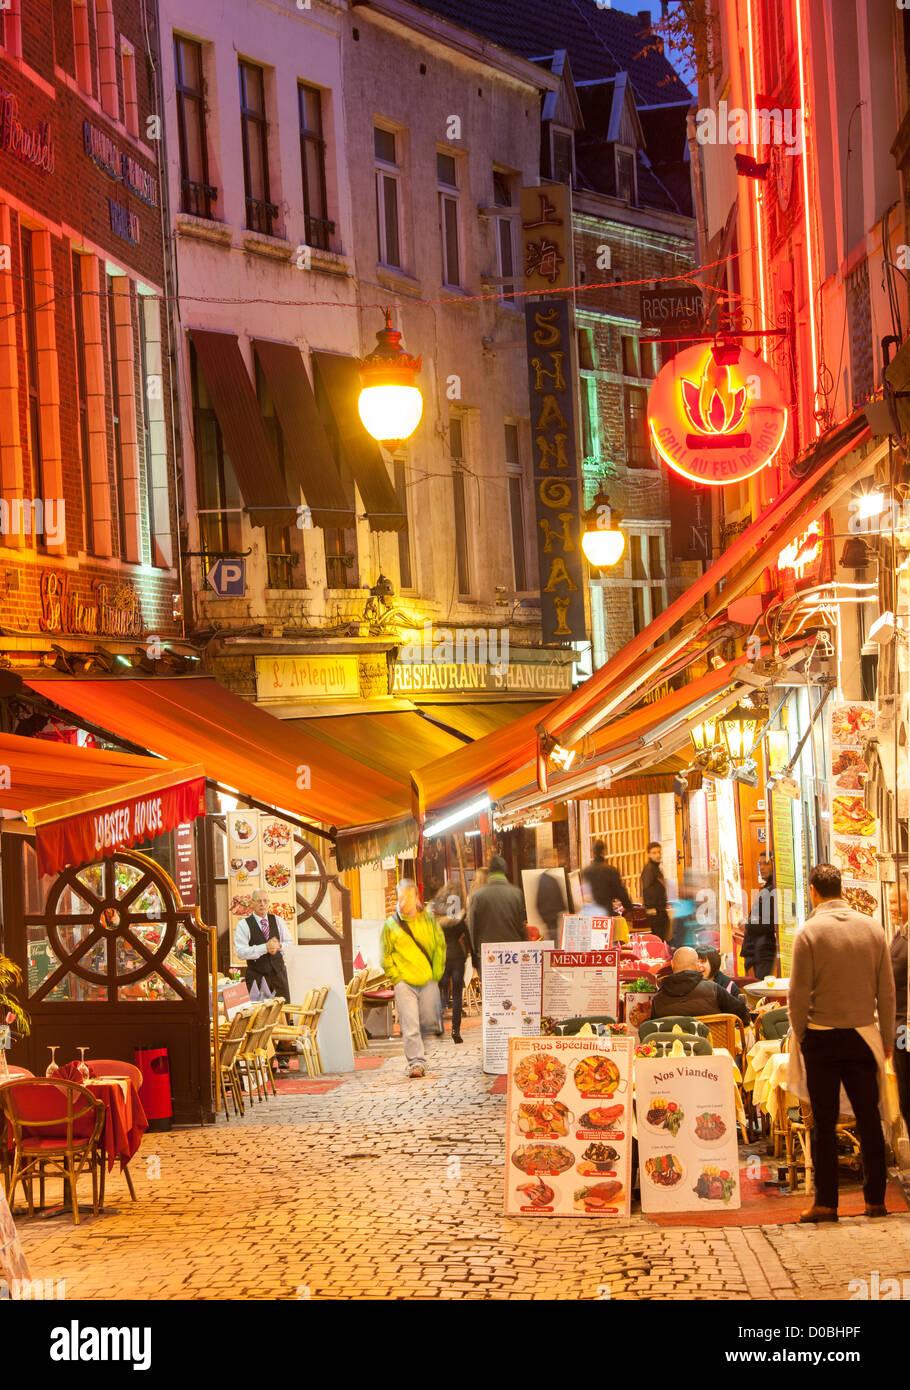 Rue des Bouchers Bruxelles restaurants touristiques. Serveurs en attente de quelques clients. Piscine chauffée Photo Stock